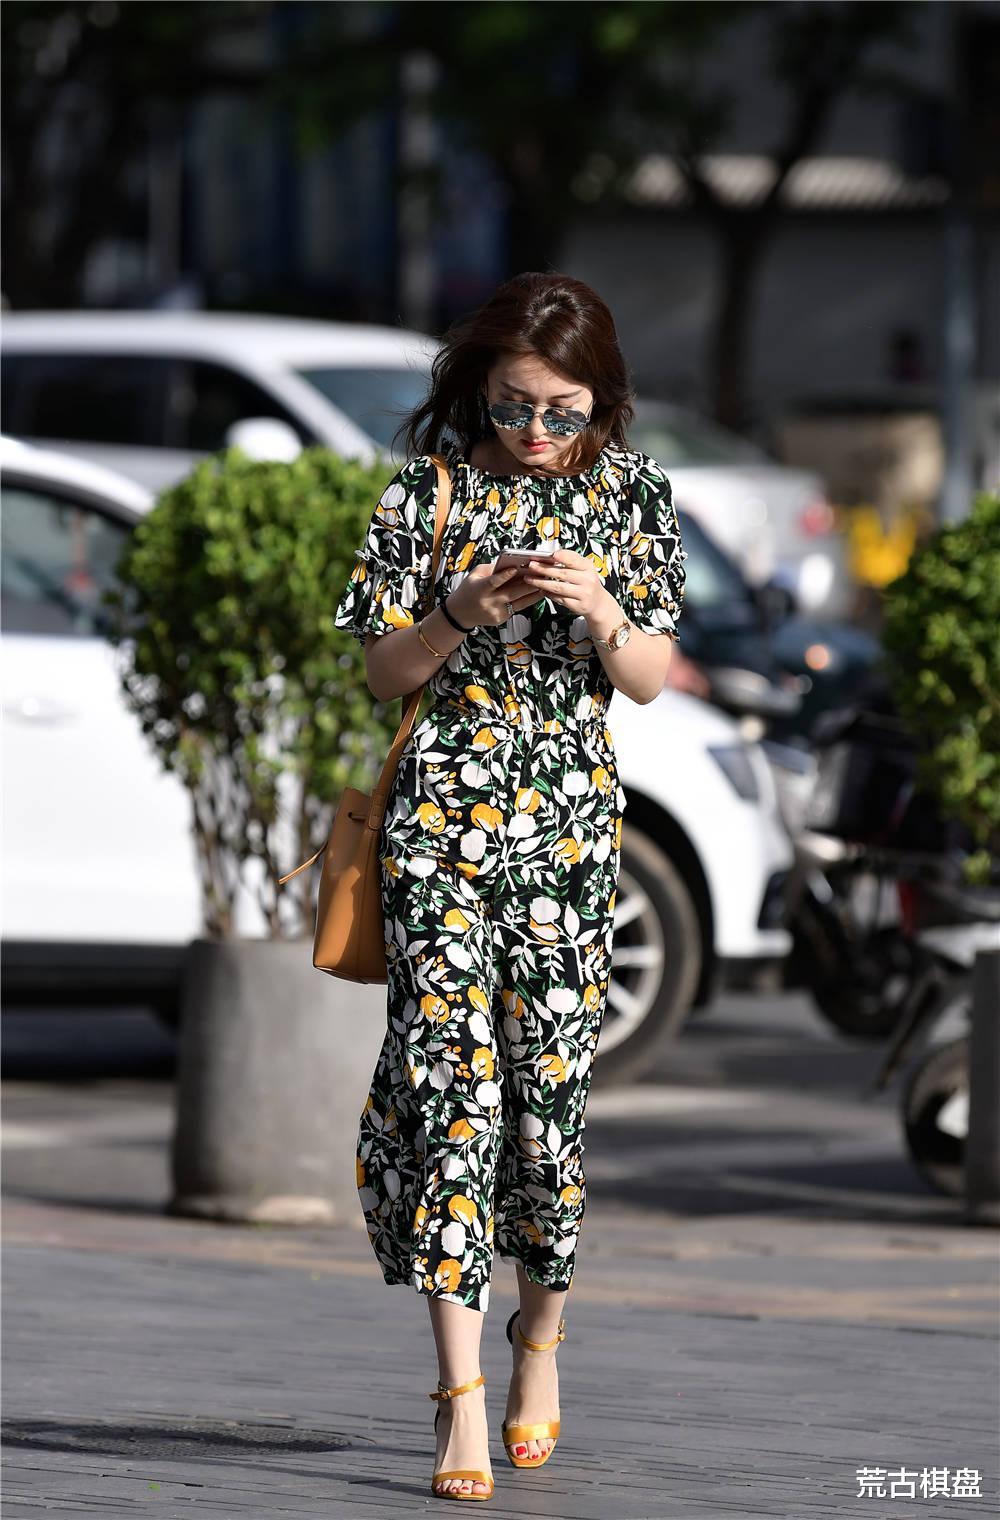 印花的连衣长裙,七分的裤长,搭配黄色一字带细跟凉鞋